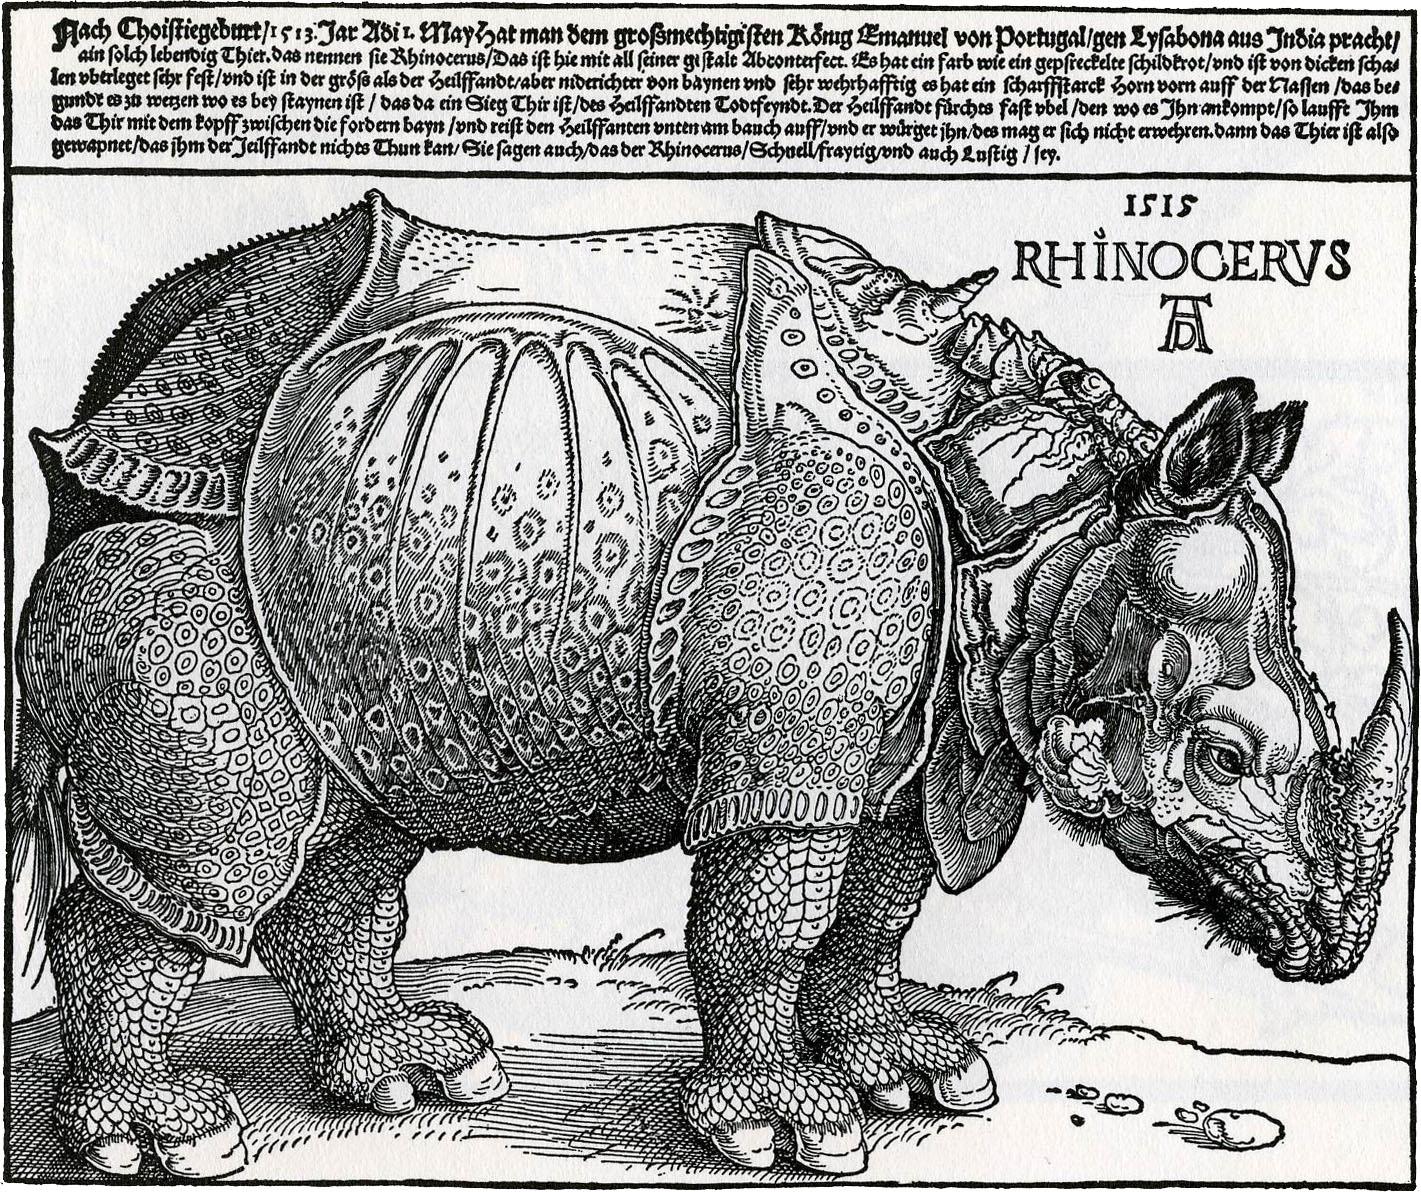 Drawn rhino durer rhino Durer the Science Renaissance engraving